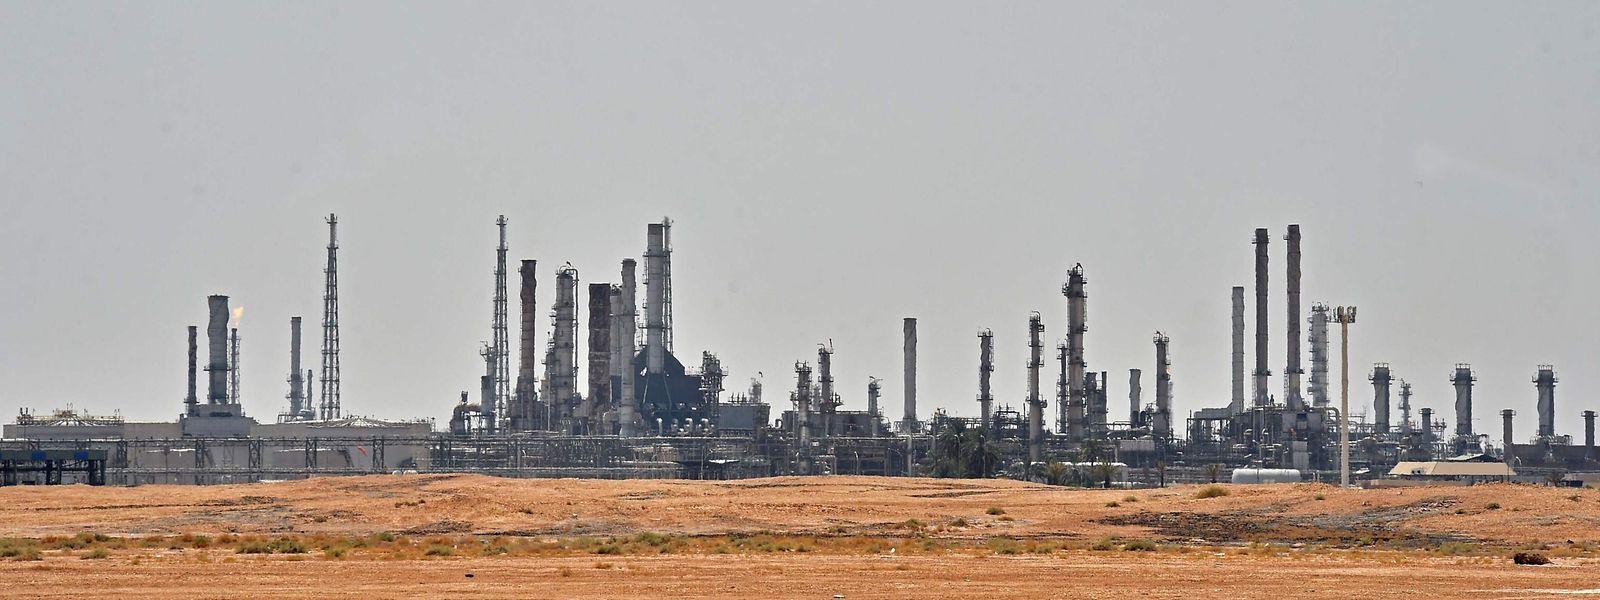 Ein Bild aus vergangenen Tagen zeigt die Ölförderanlage von Aramco bei al-Khurj, bevor sie von dem Drohnenangriff getroffen wurde.